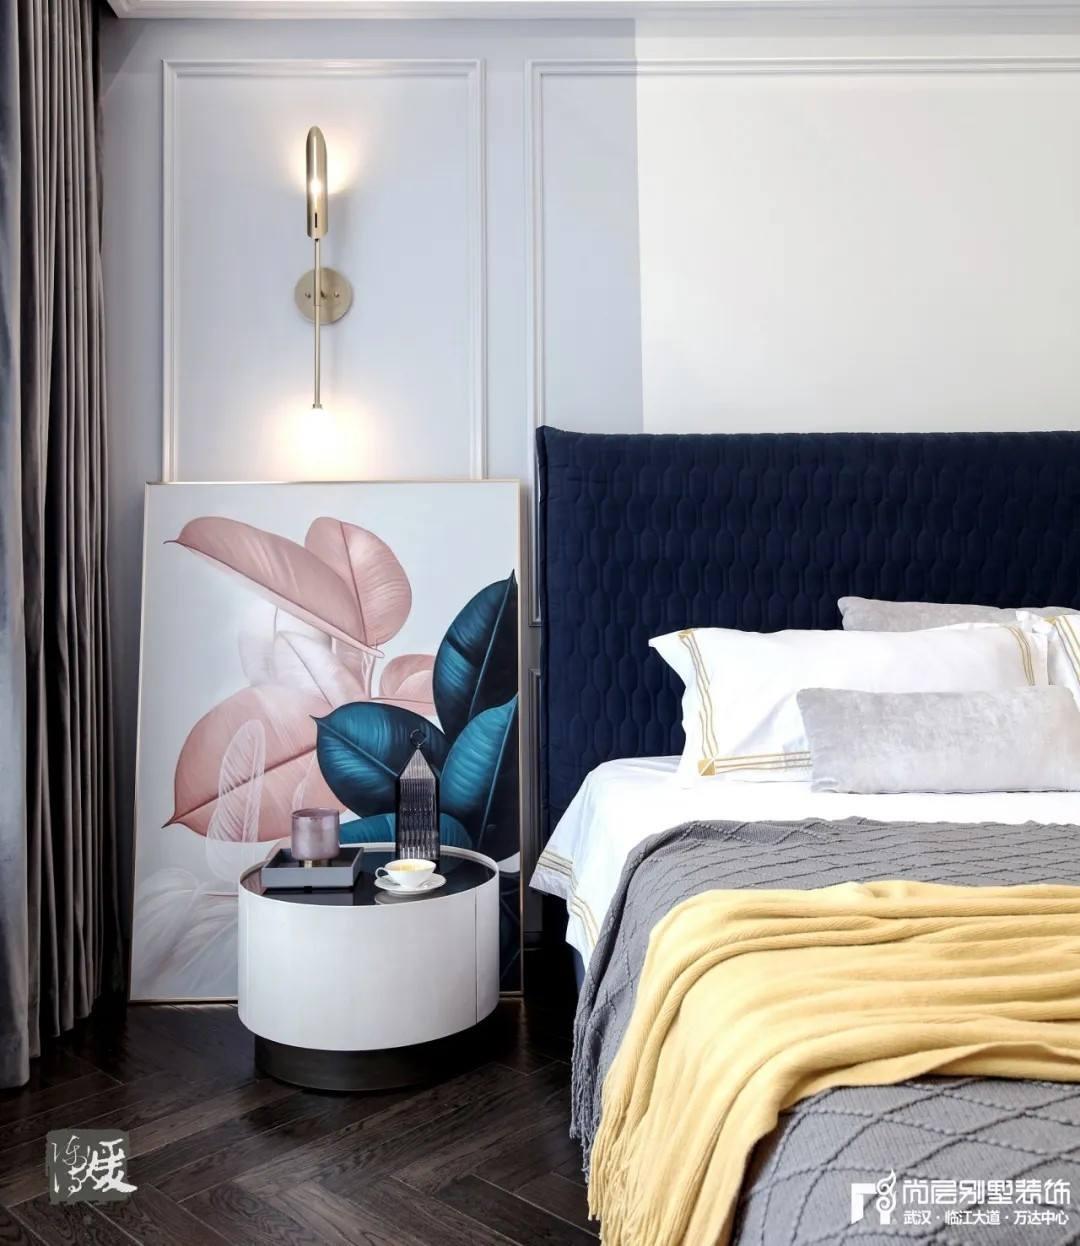 尚层别墅装修实景案例主卧室细节设计